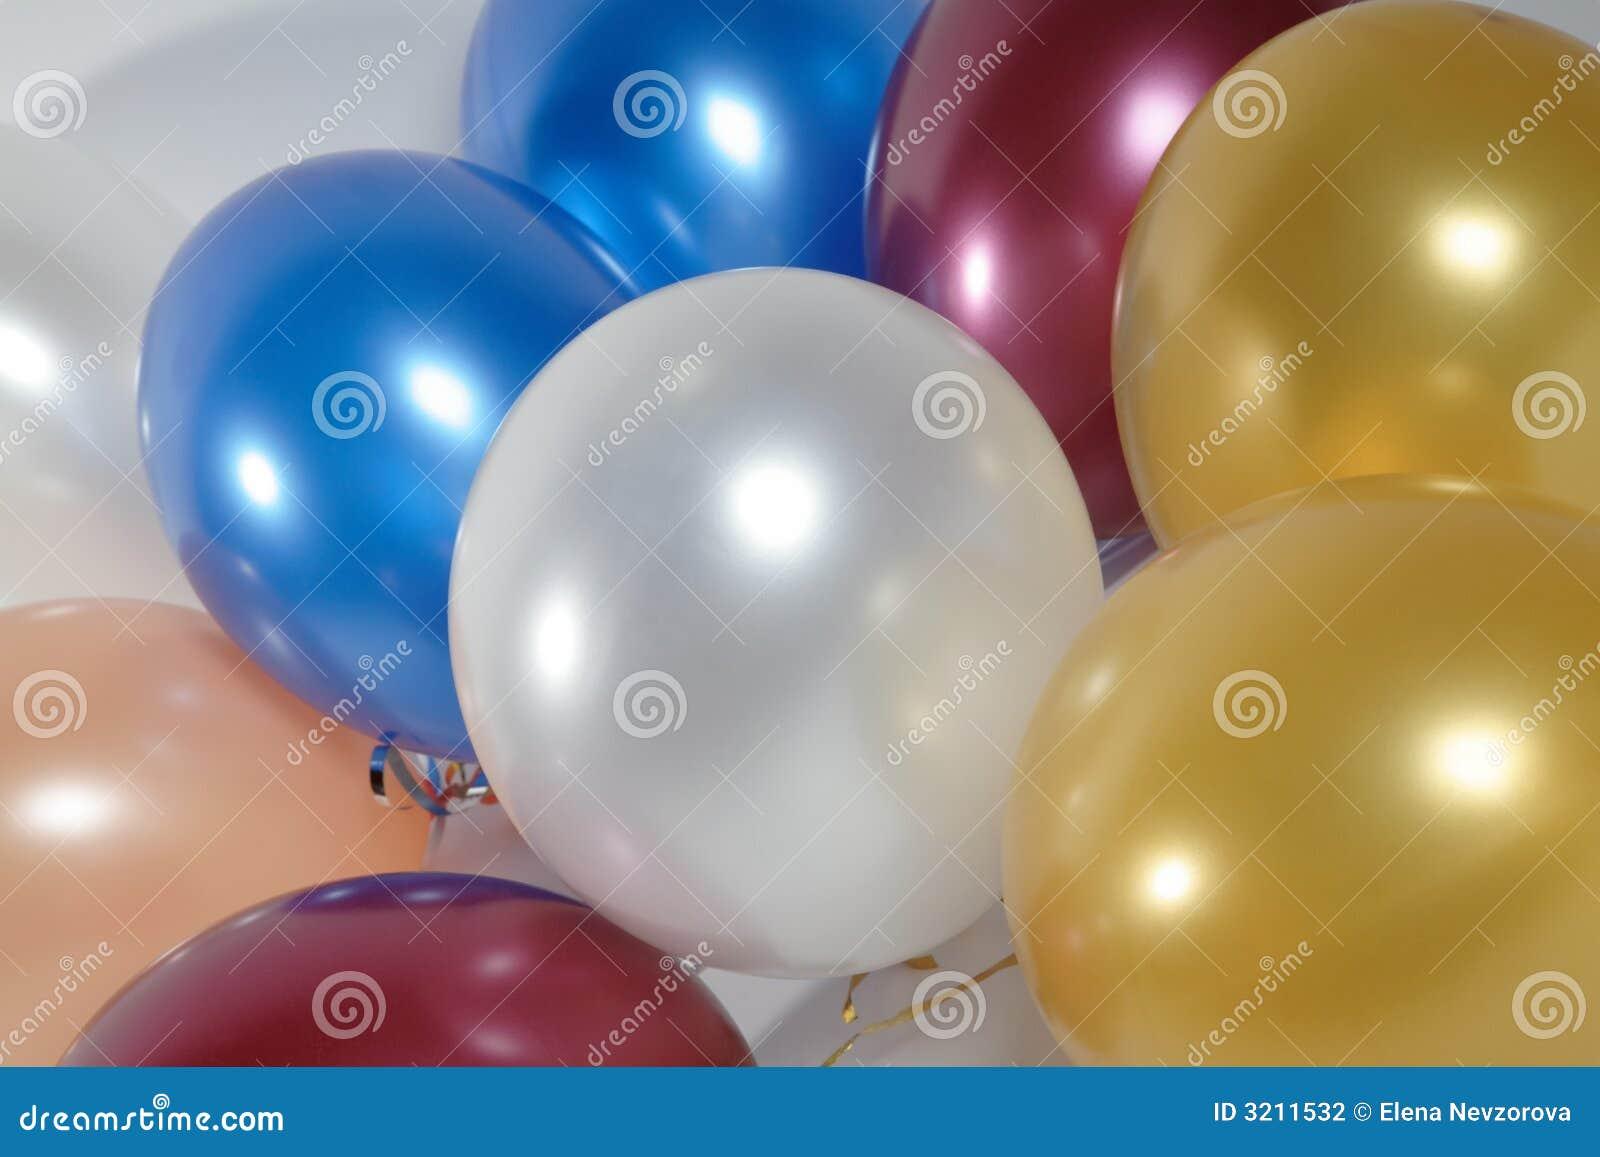 Différents ballons à air de couleurs